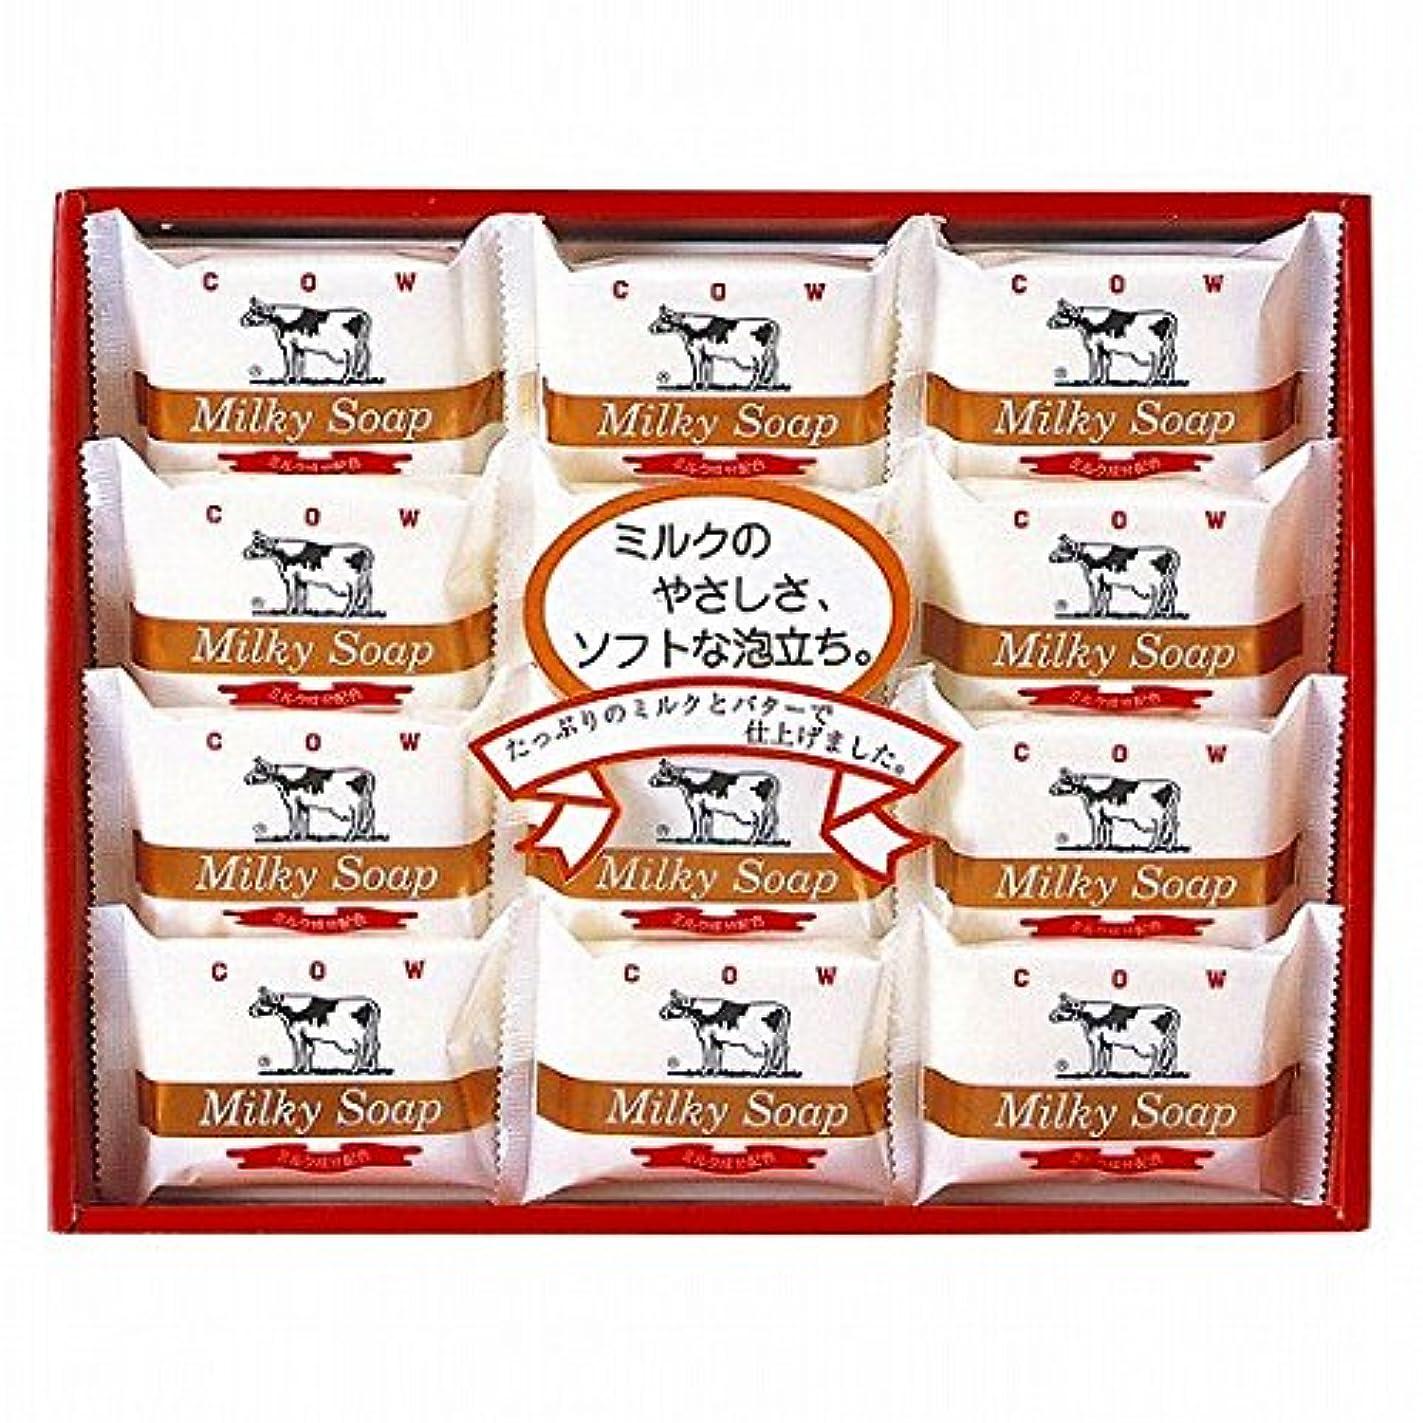 栄養サッカー時制nobrand 牛乳石鹸 ゴールドソープセット (21940005)